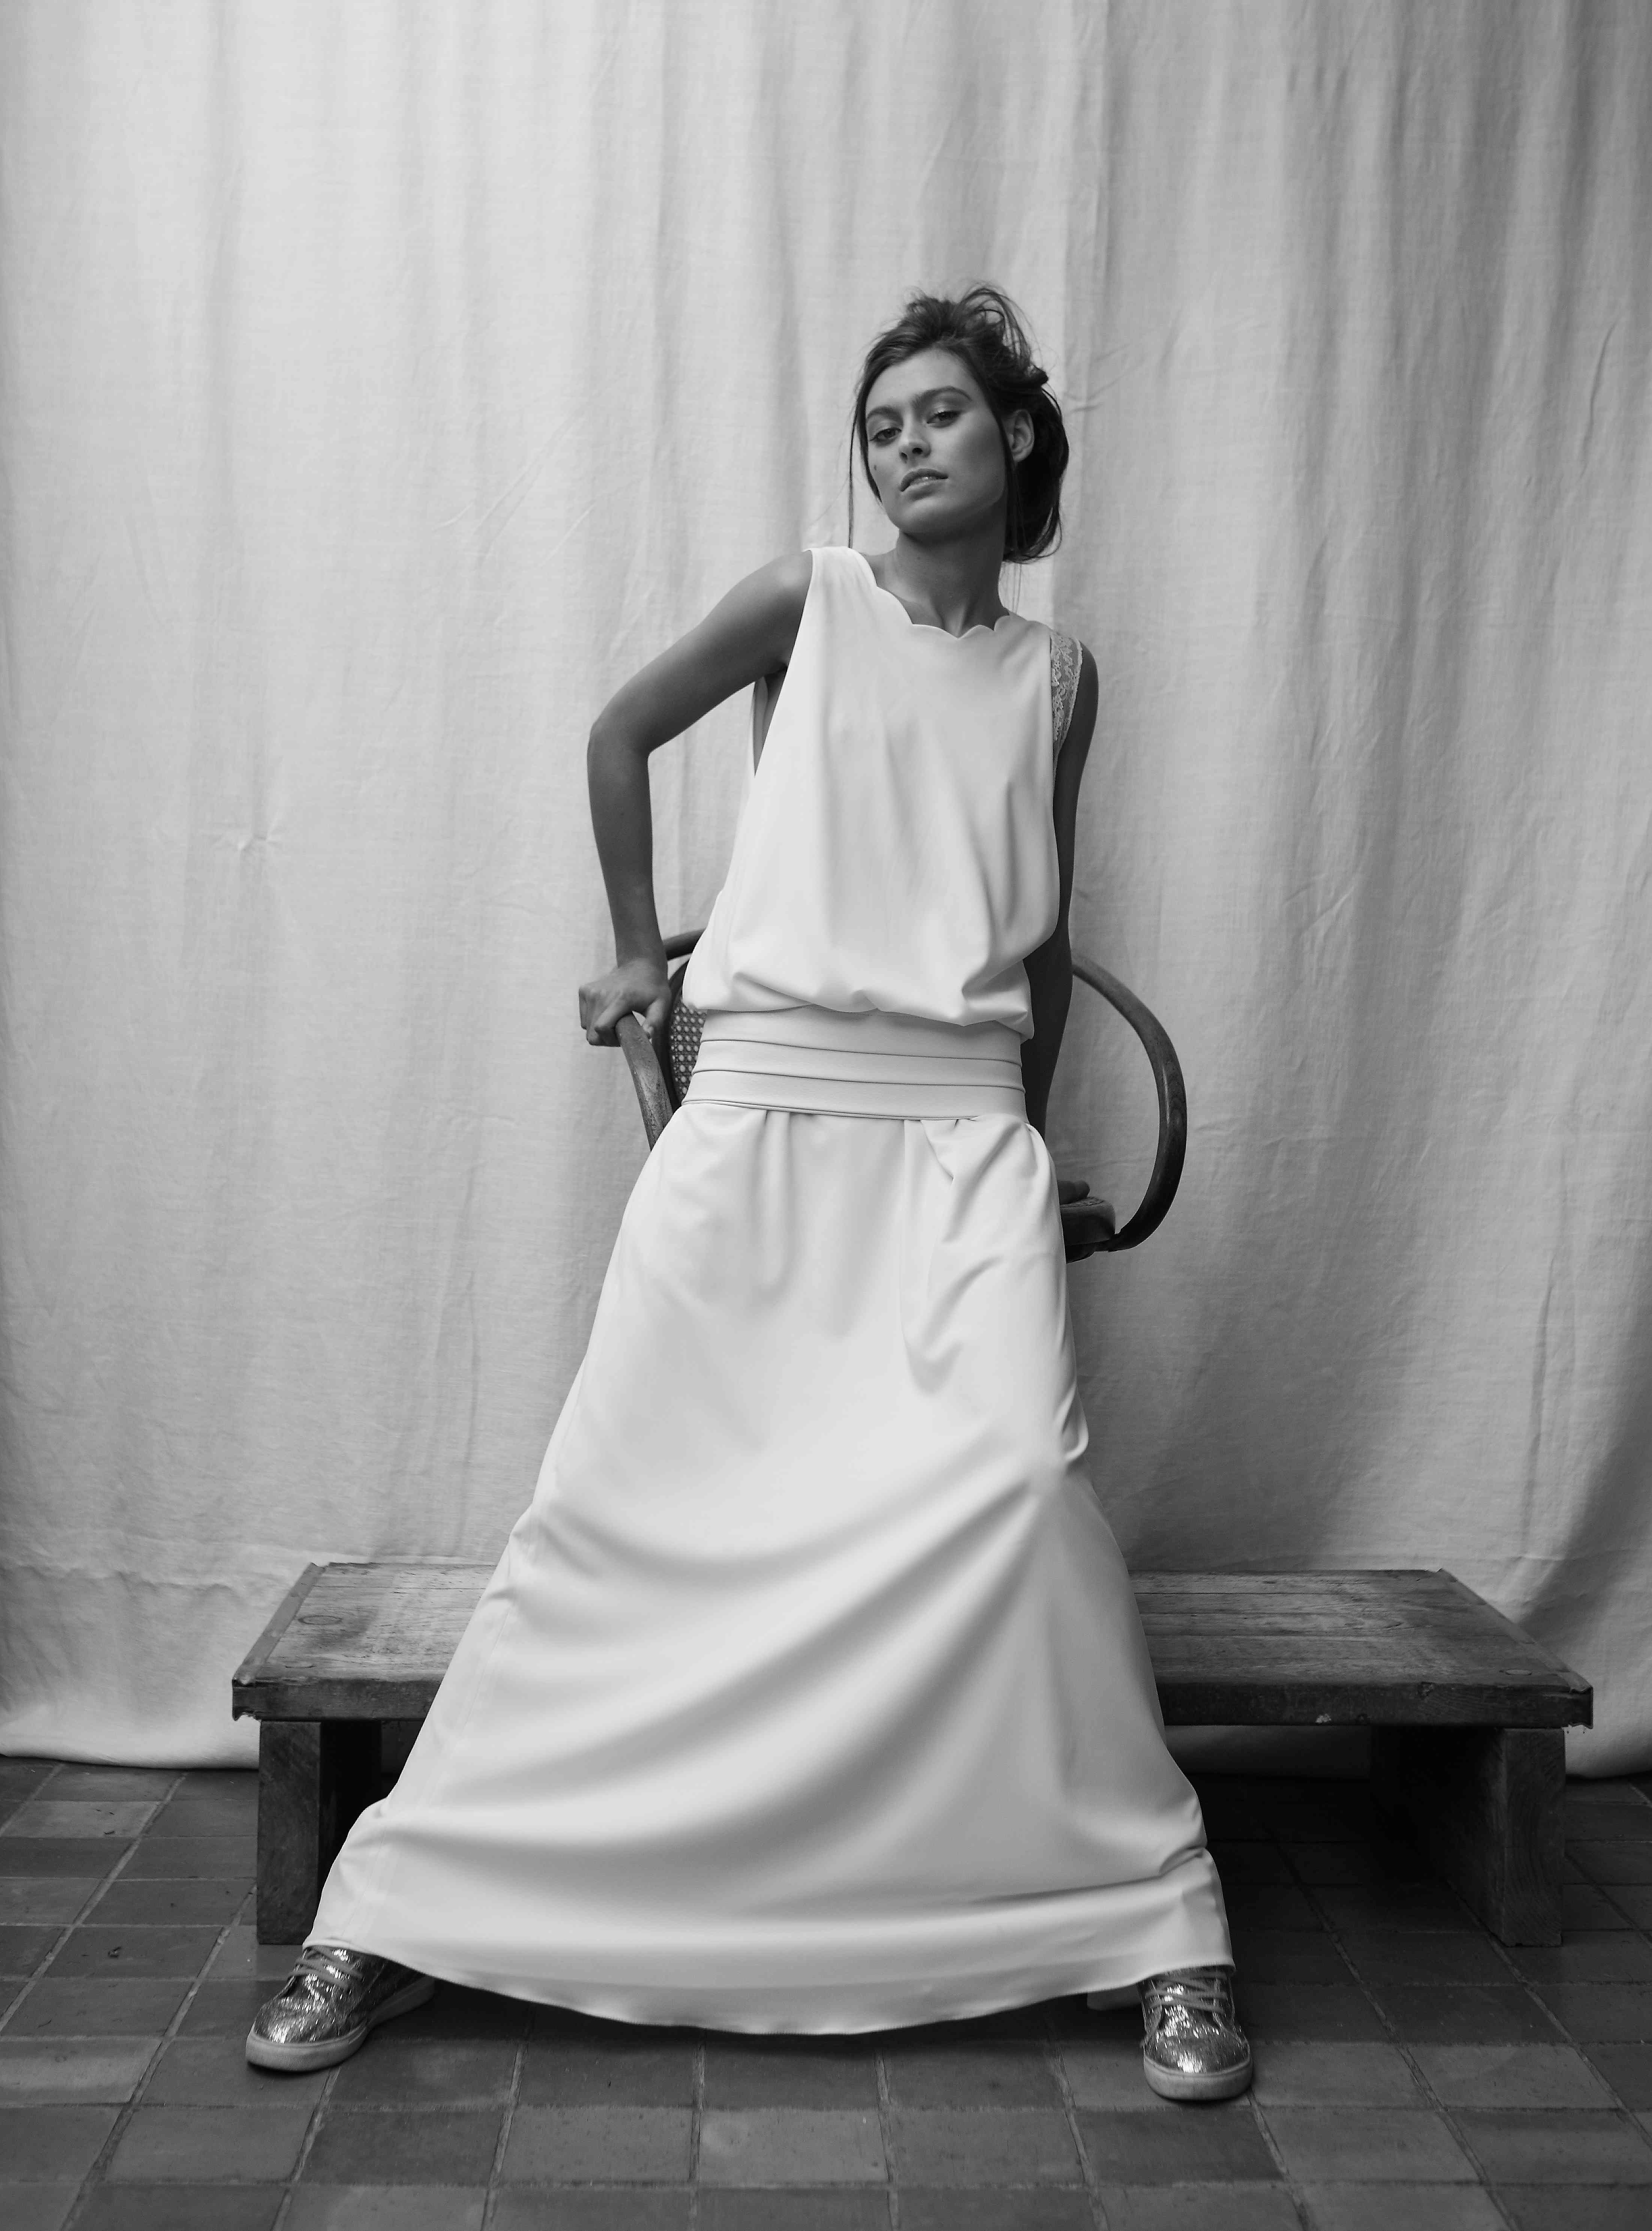 Concepteur de robe de mariage usa peinture for Concepteur de robe de mariage russe